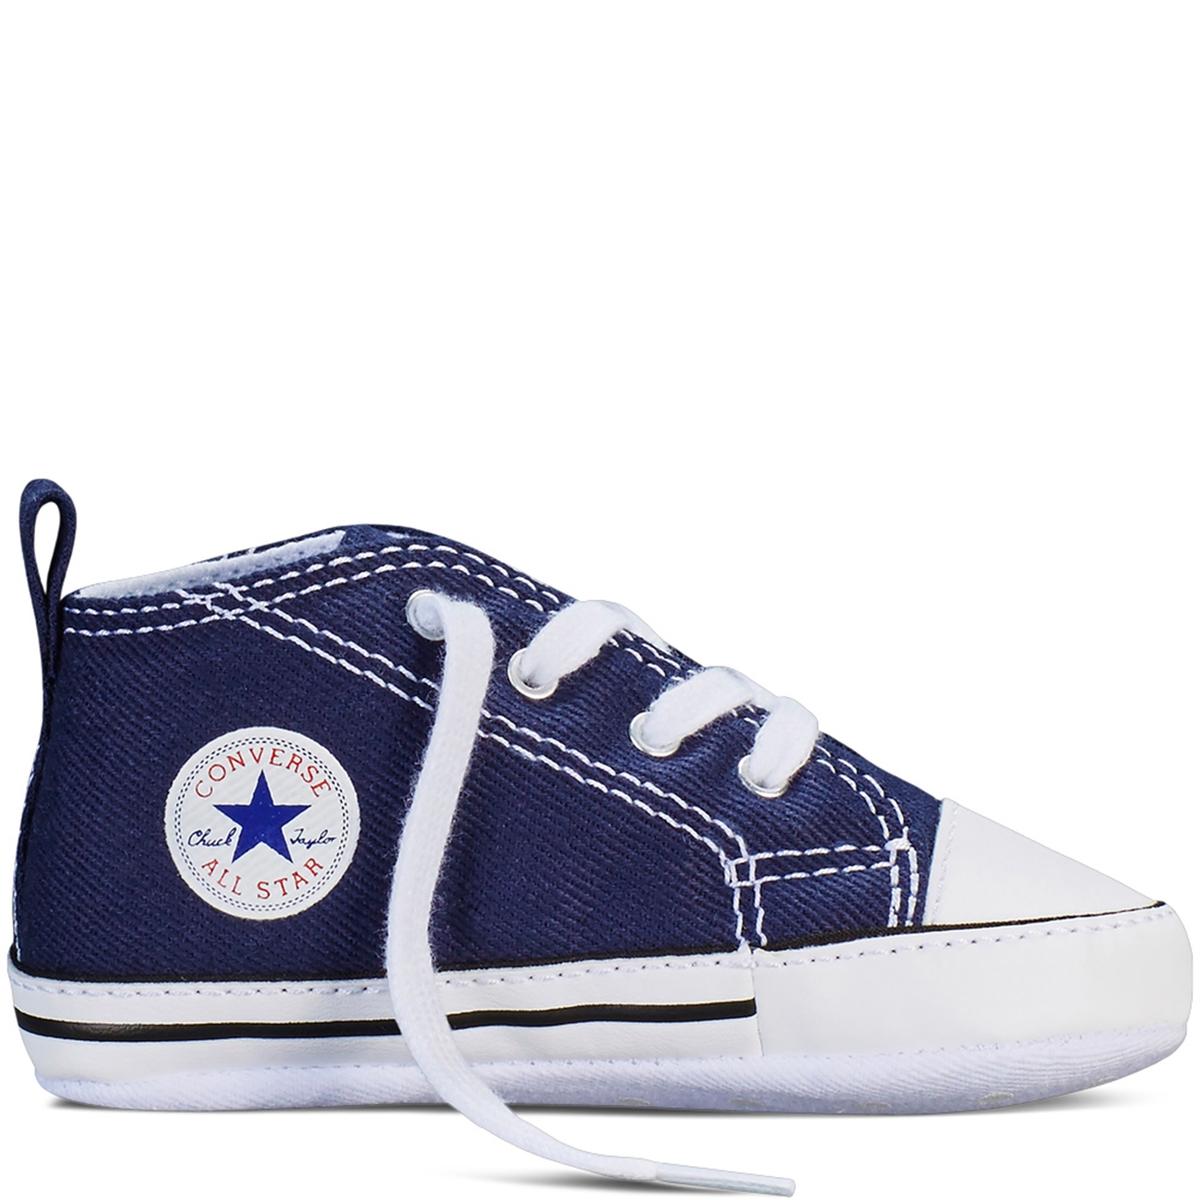 zapatillas Zapatillas de ca?a alta FIRST STAR HI CANVAS